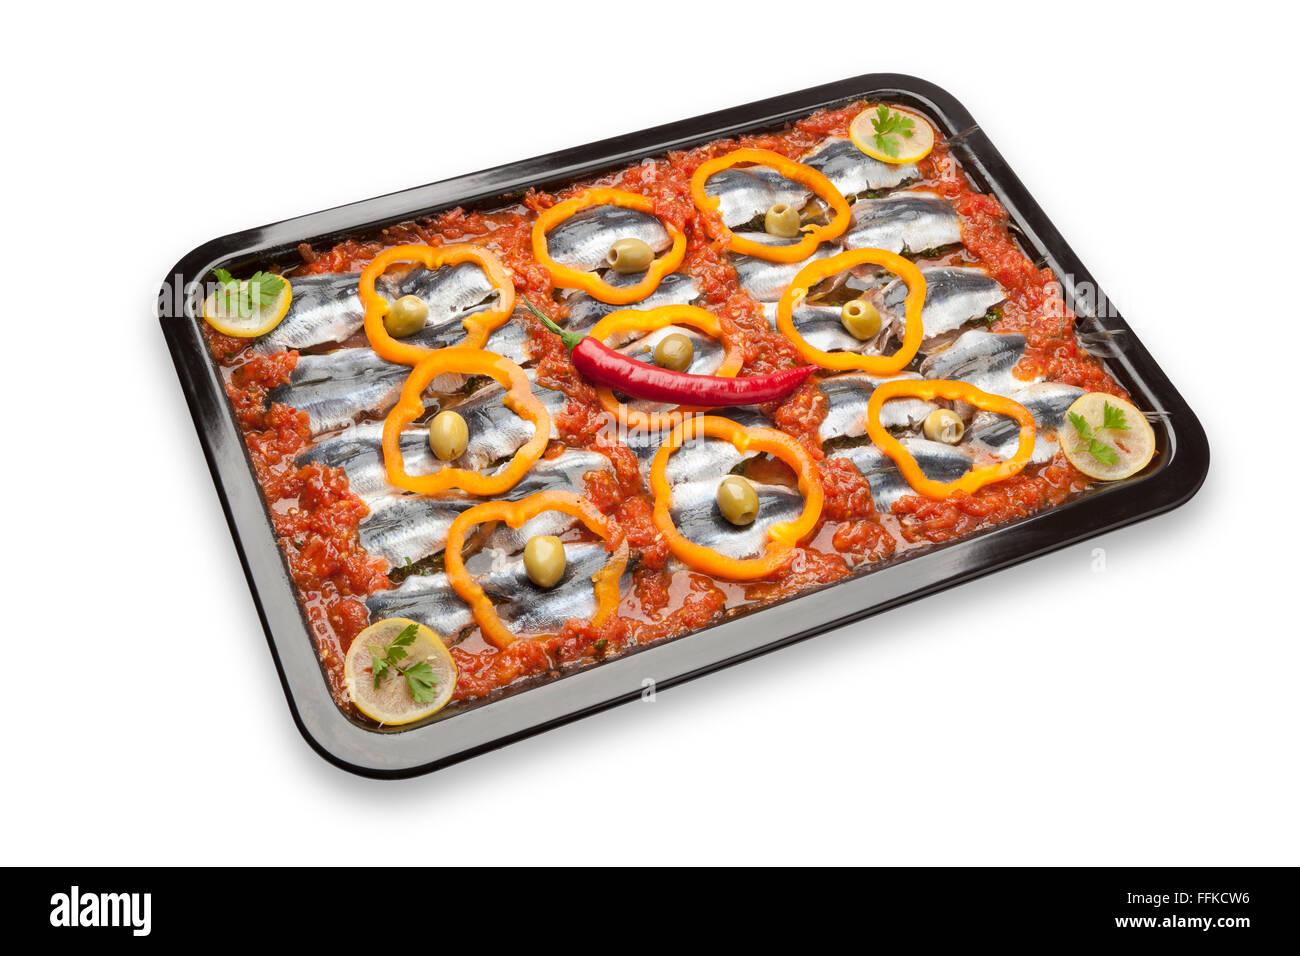 Sardine recette plat traditionnel Marocain avec des olives, Poivrons et piments rouges sur fond blanc Photo Stock